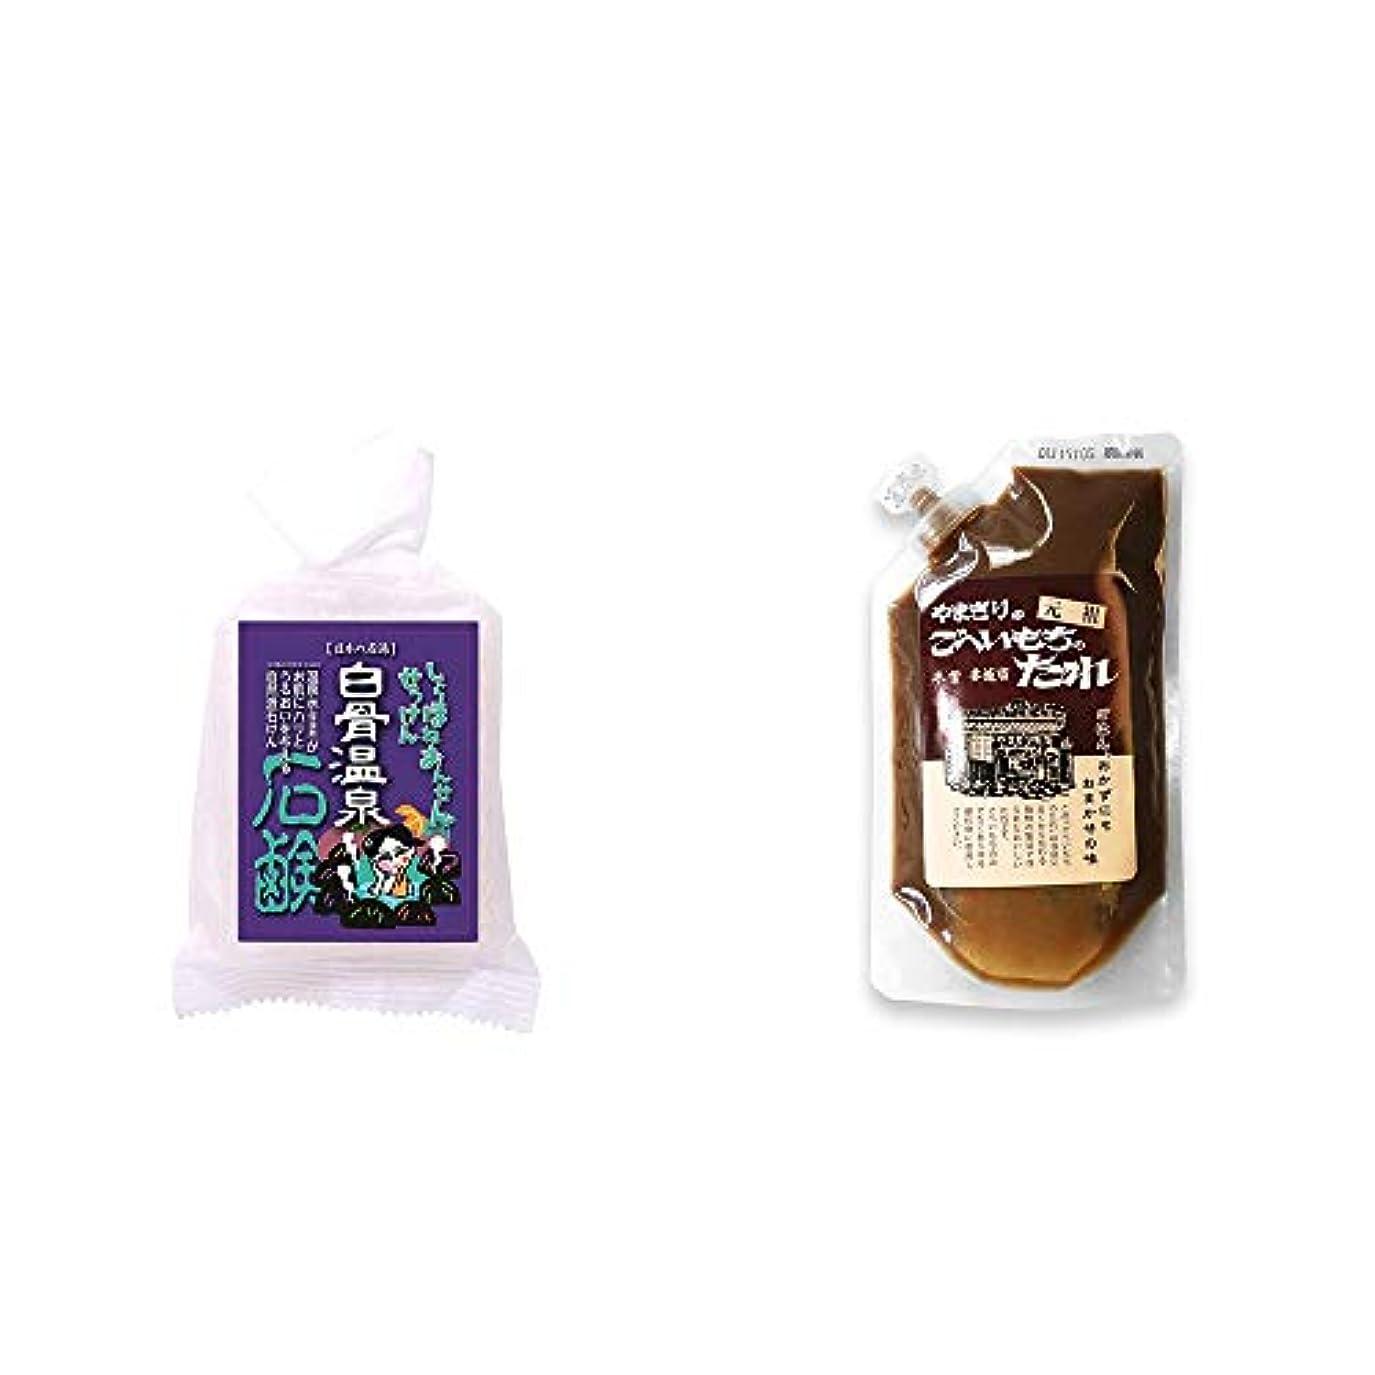 ラジエーター食料品店対抗[2点セット] 信州 白骨温泉石鹸(80g)?妻籠宿 やまぎり食堂 ごへい餅のたれ(250g)